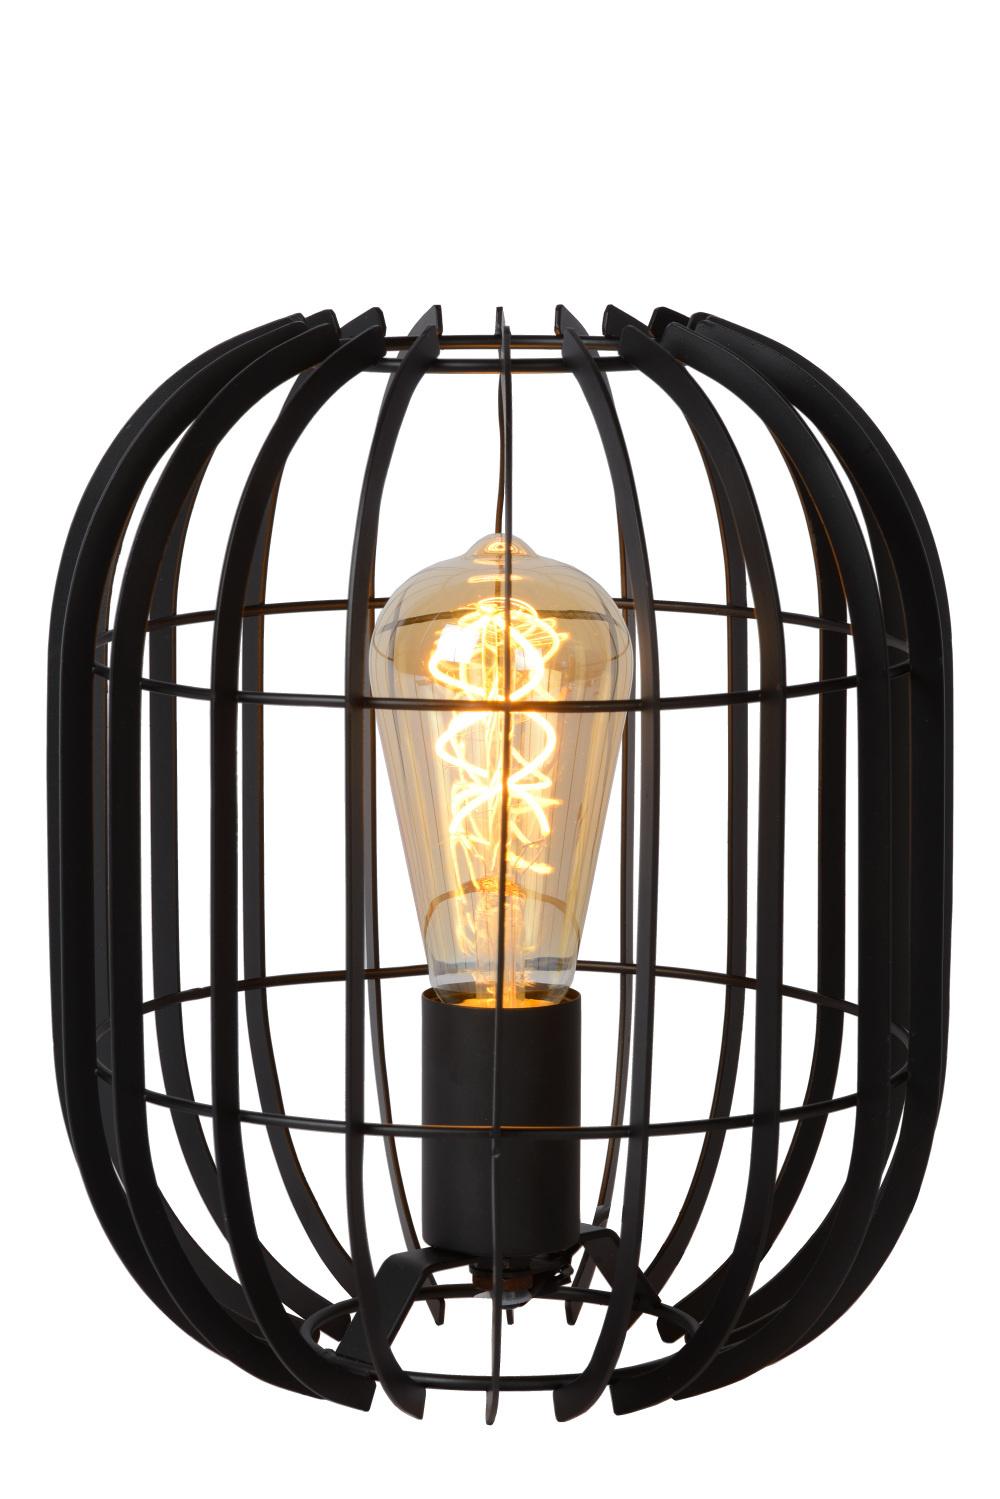 Lucide REDA Tafellamp-Zwart-Ø22-1xE27-40W-Metaal